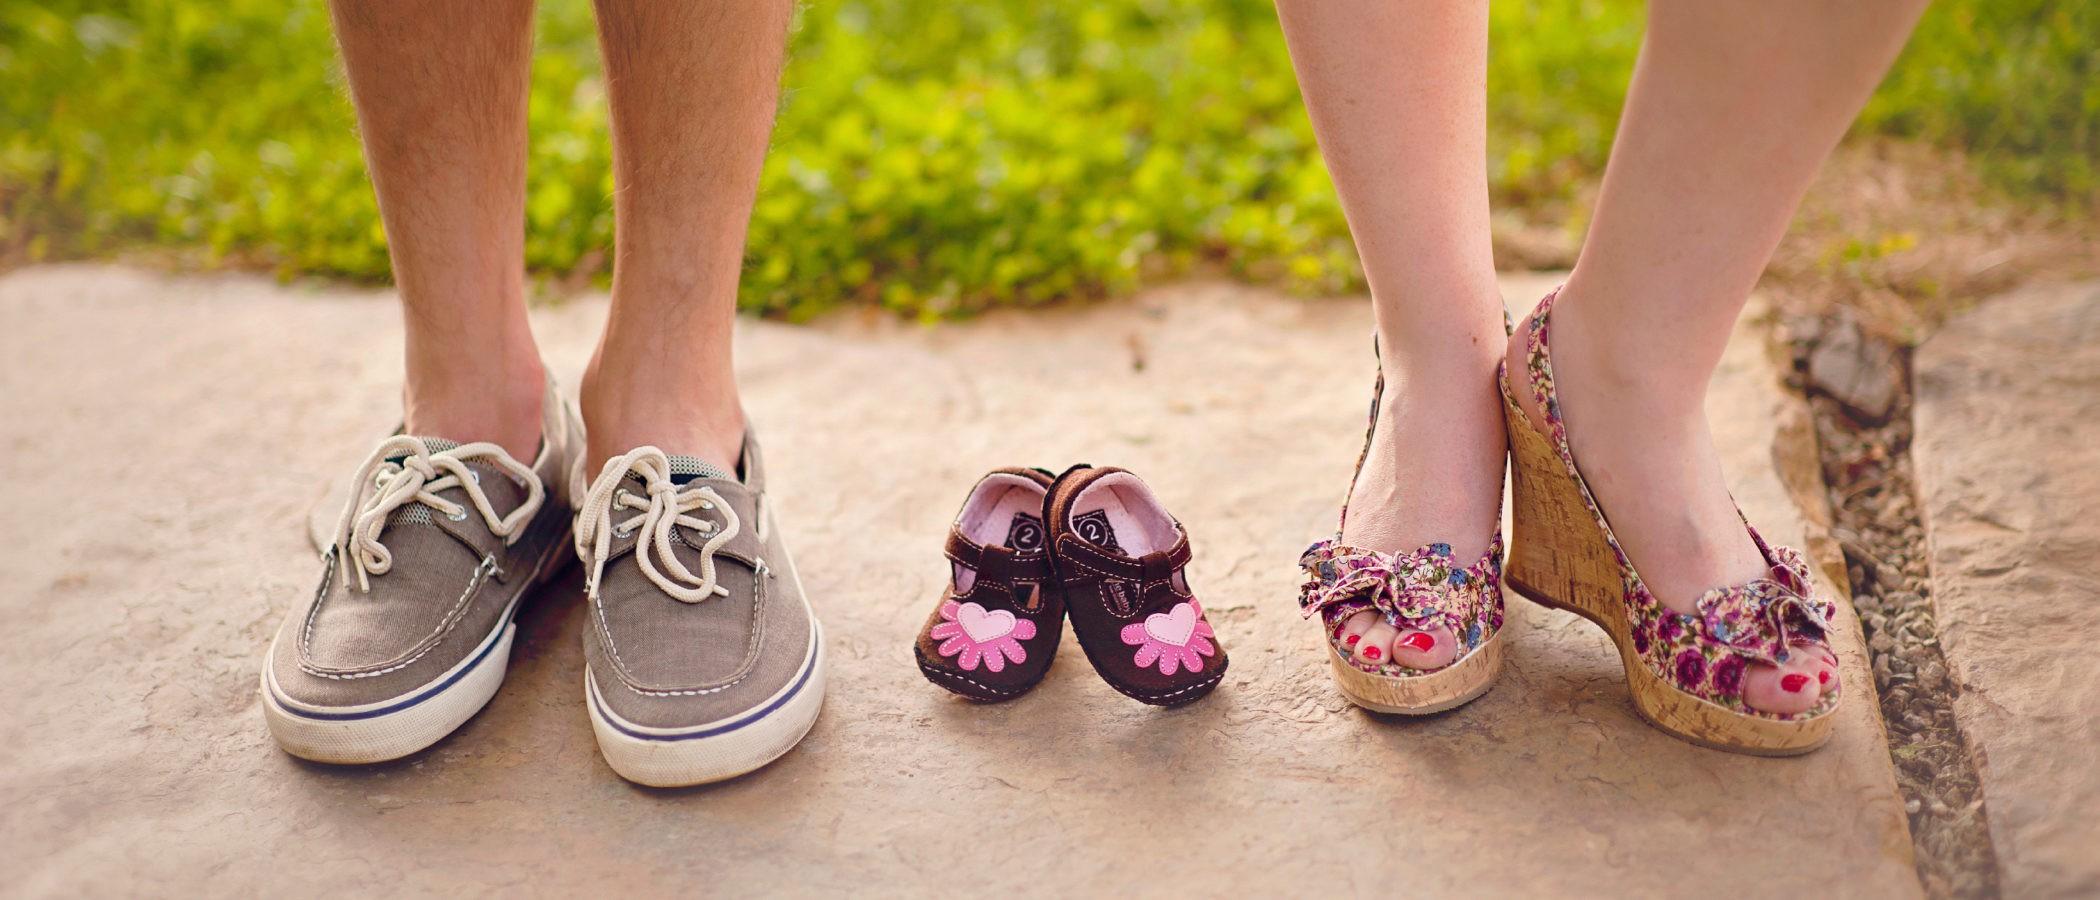 El calzado más recomendado para el embarazo